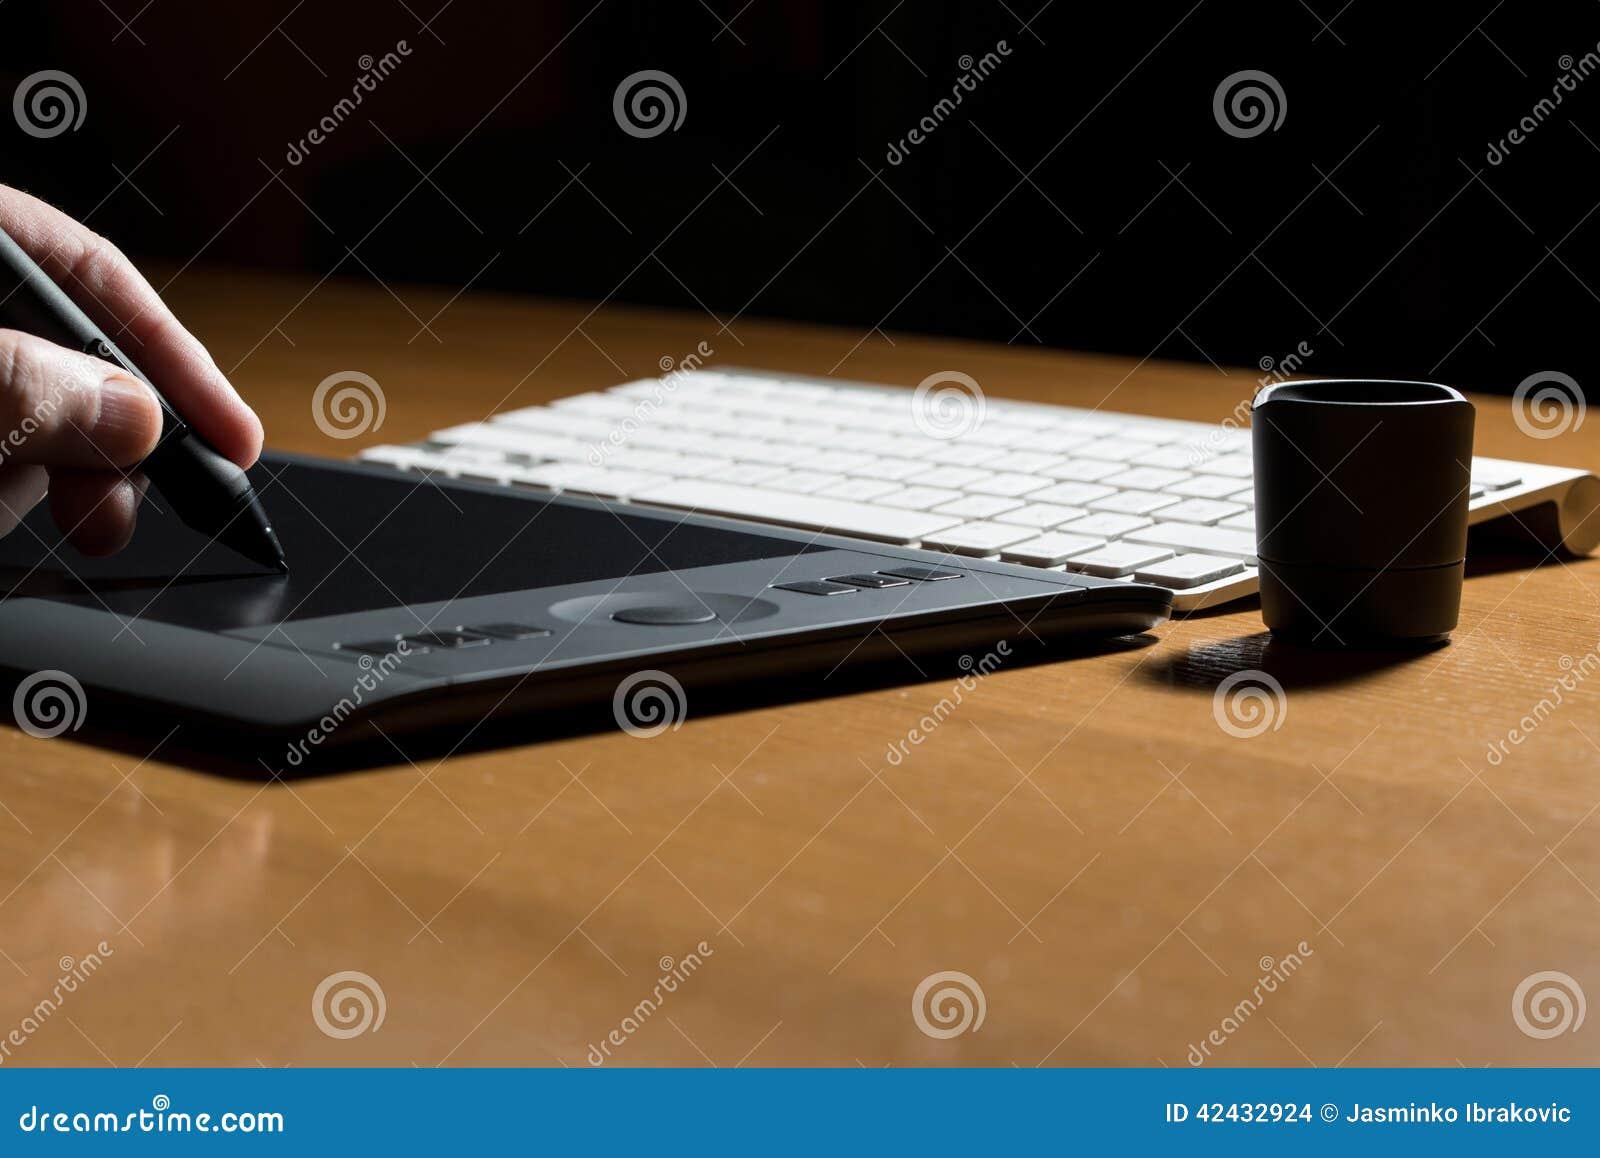 Sirve el dibujo de la mano en una tableta de gráficos de ordenador